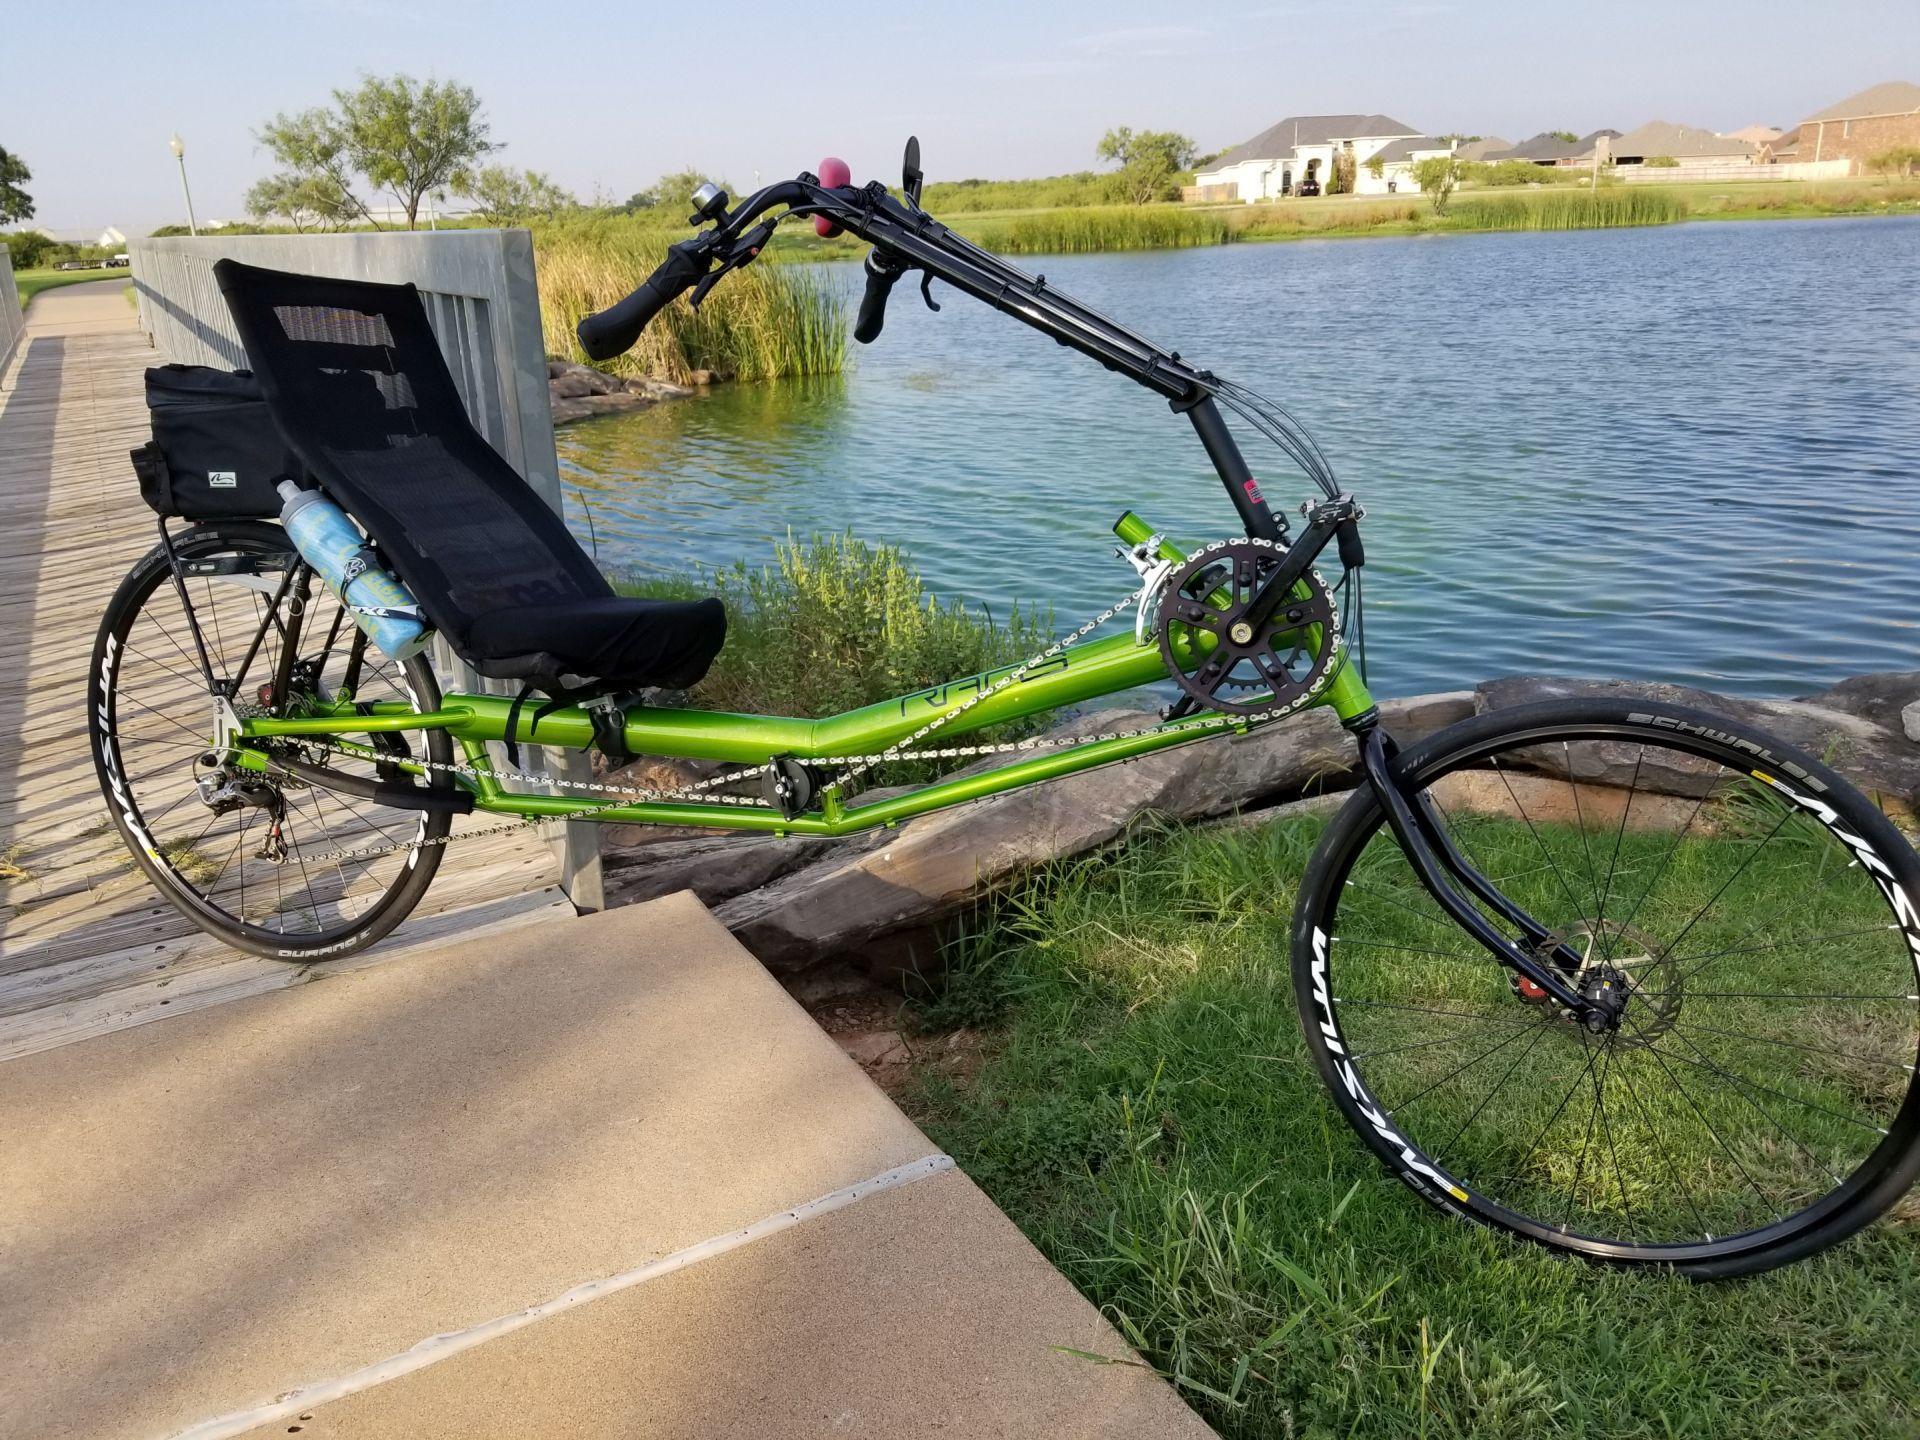 New Xstream 700 Recumbent Bicycle Bicycle Design Bike